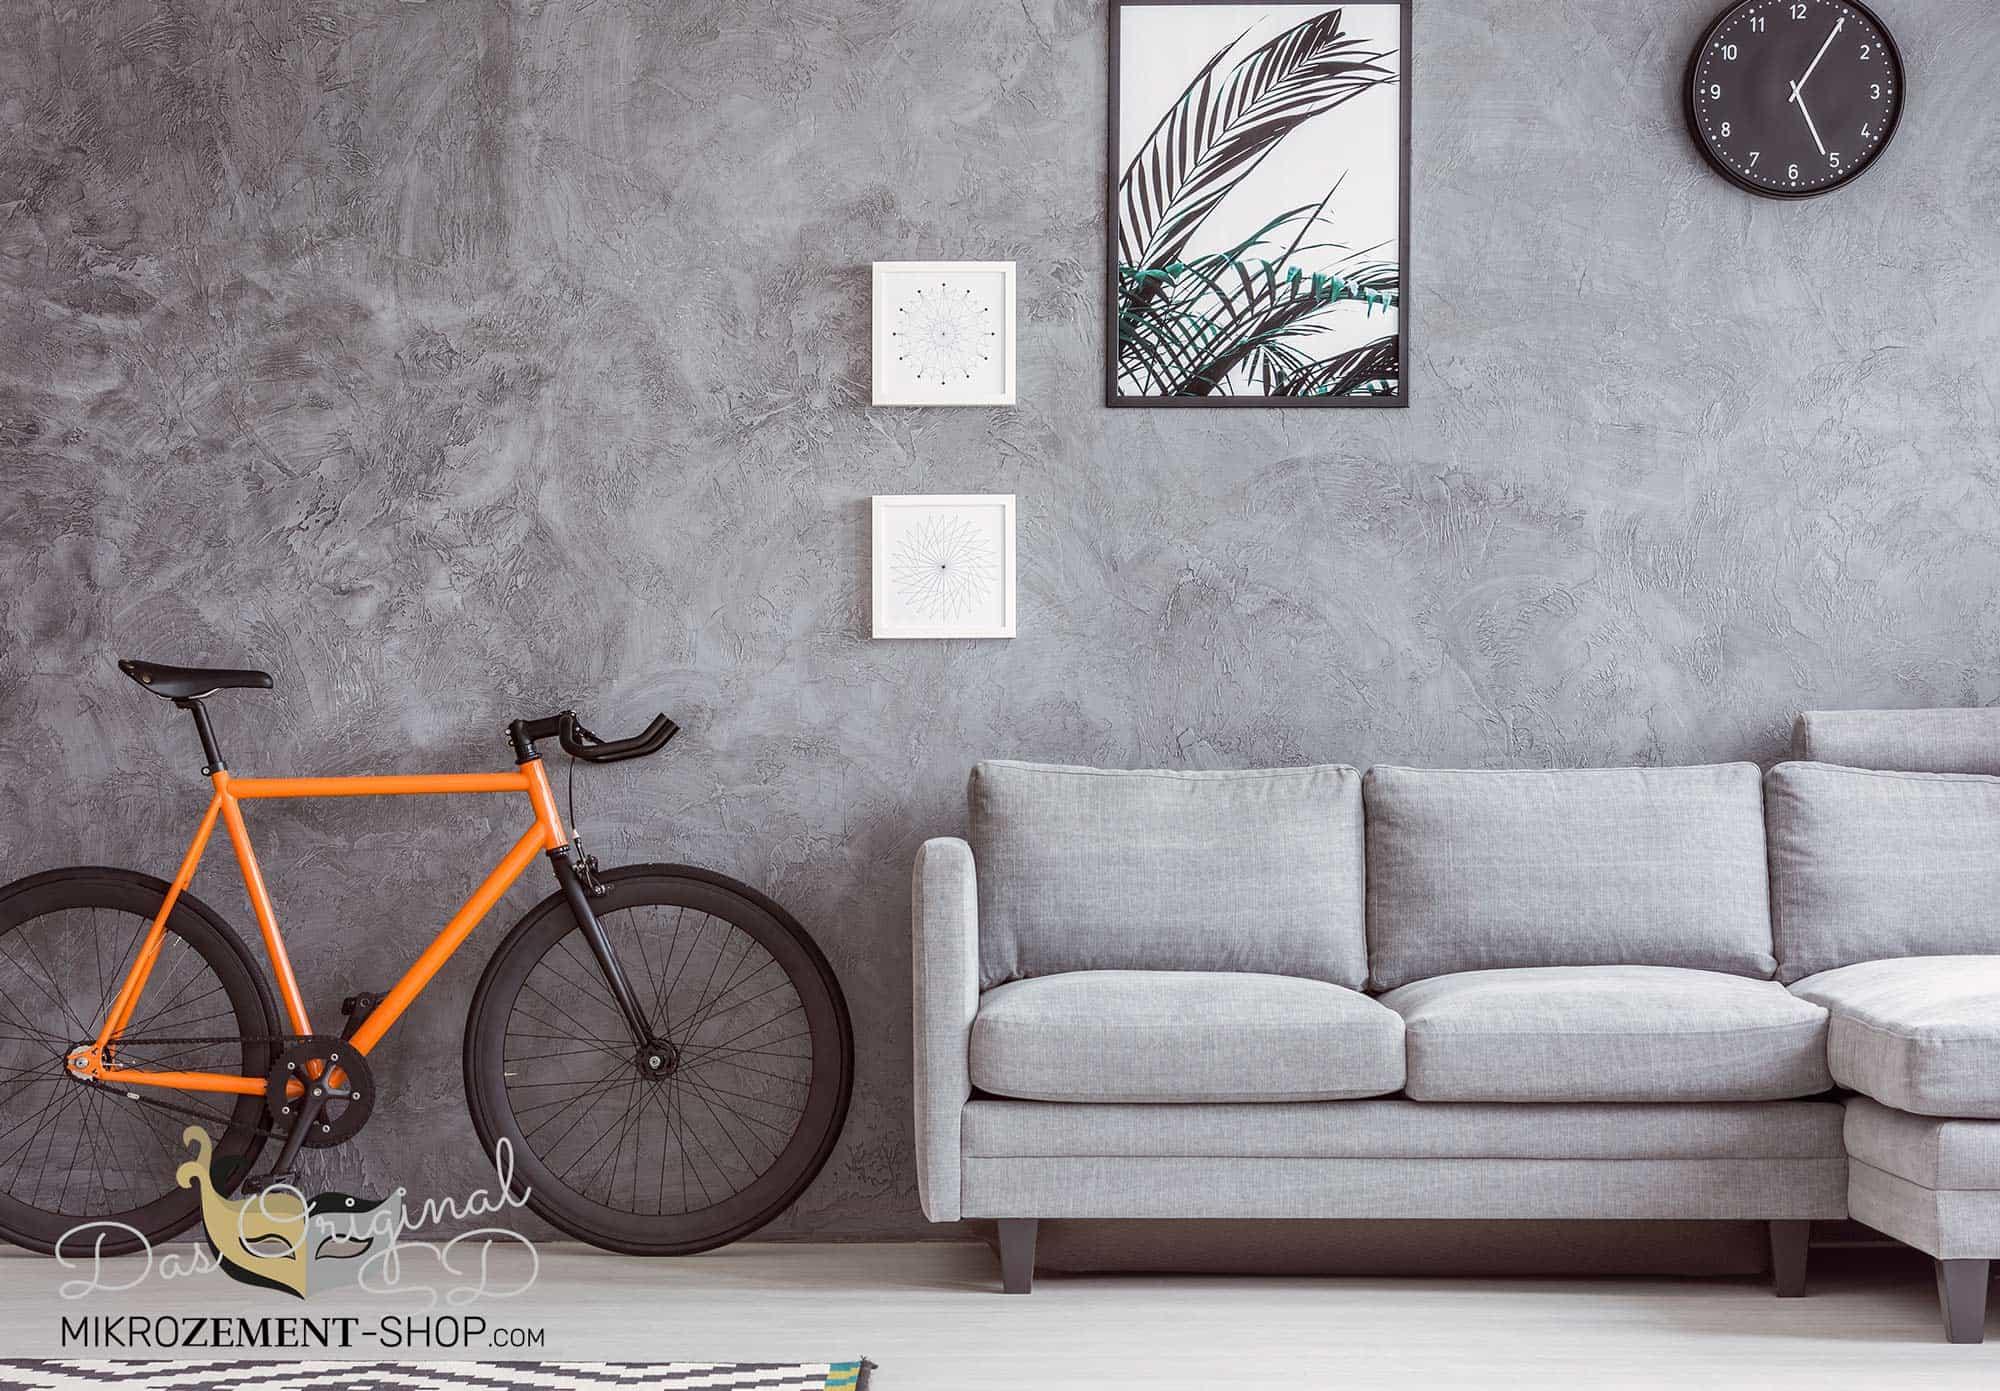 Wohnzimmer Mikrozement Wand Loft